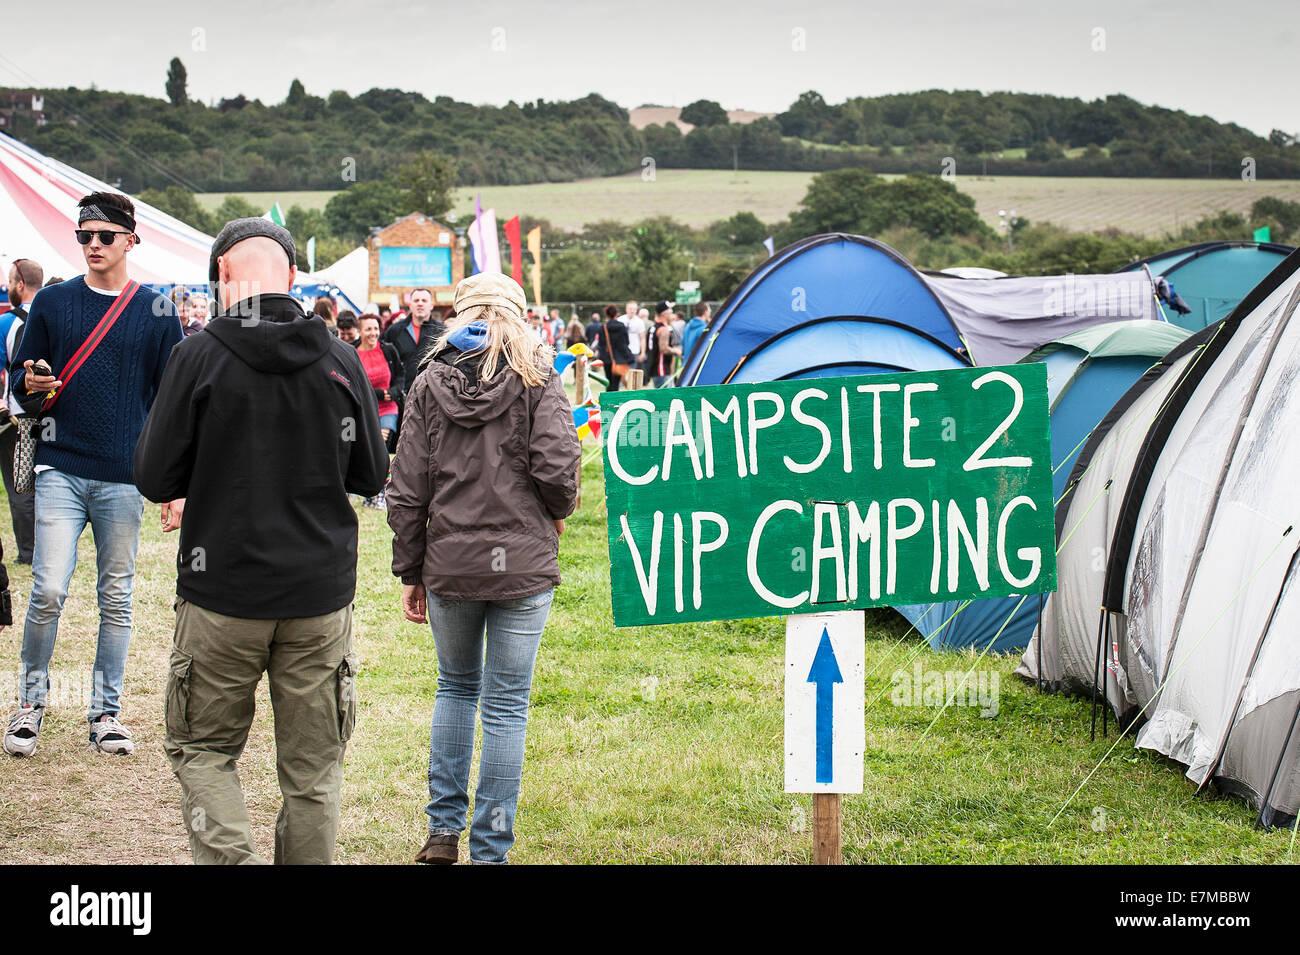 Un segno rivolto al VIP area camping presso il Festival Brownstock in Essex. Immagini Stock